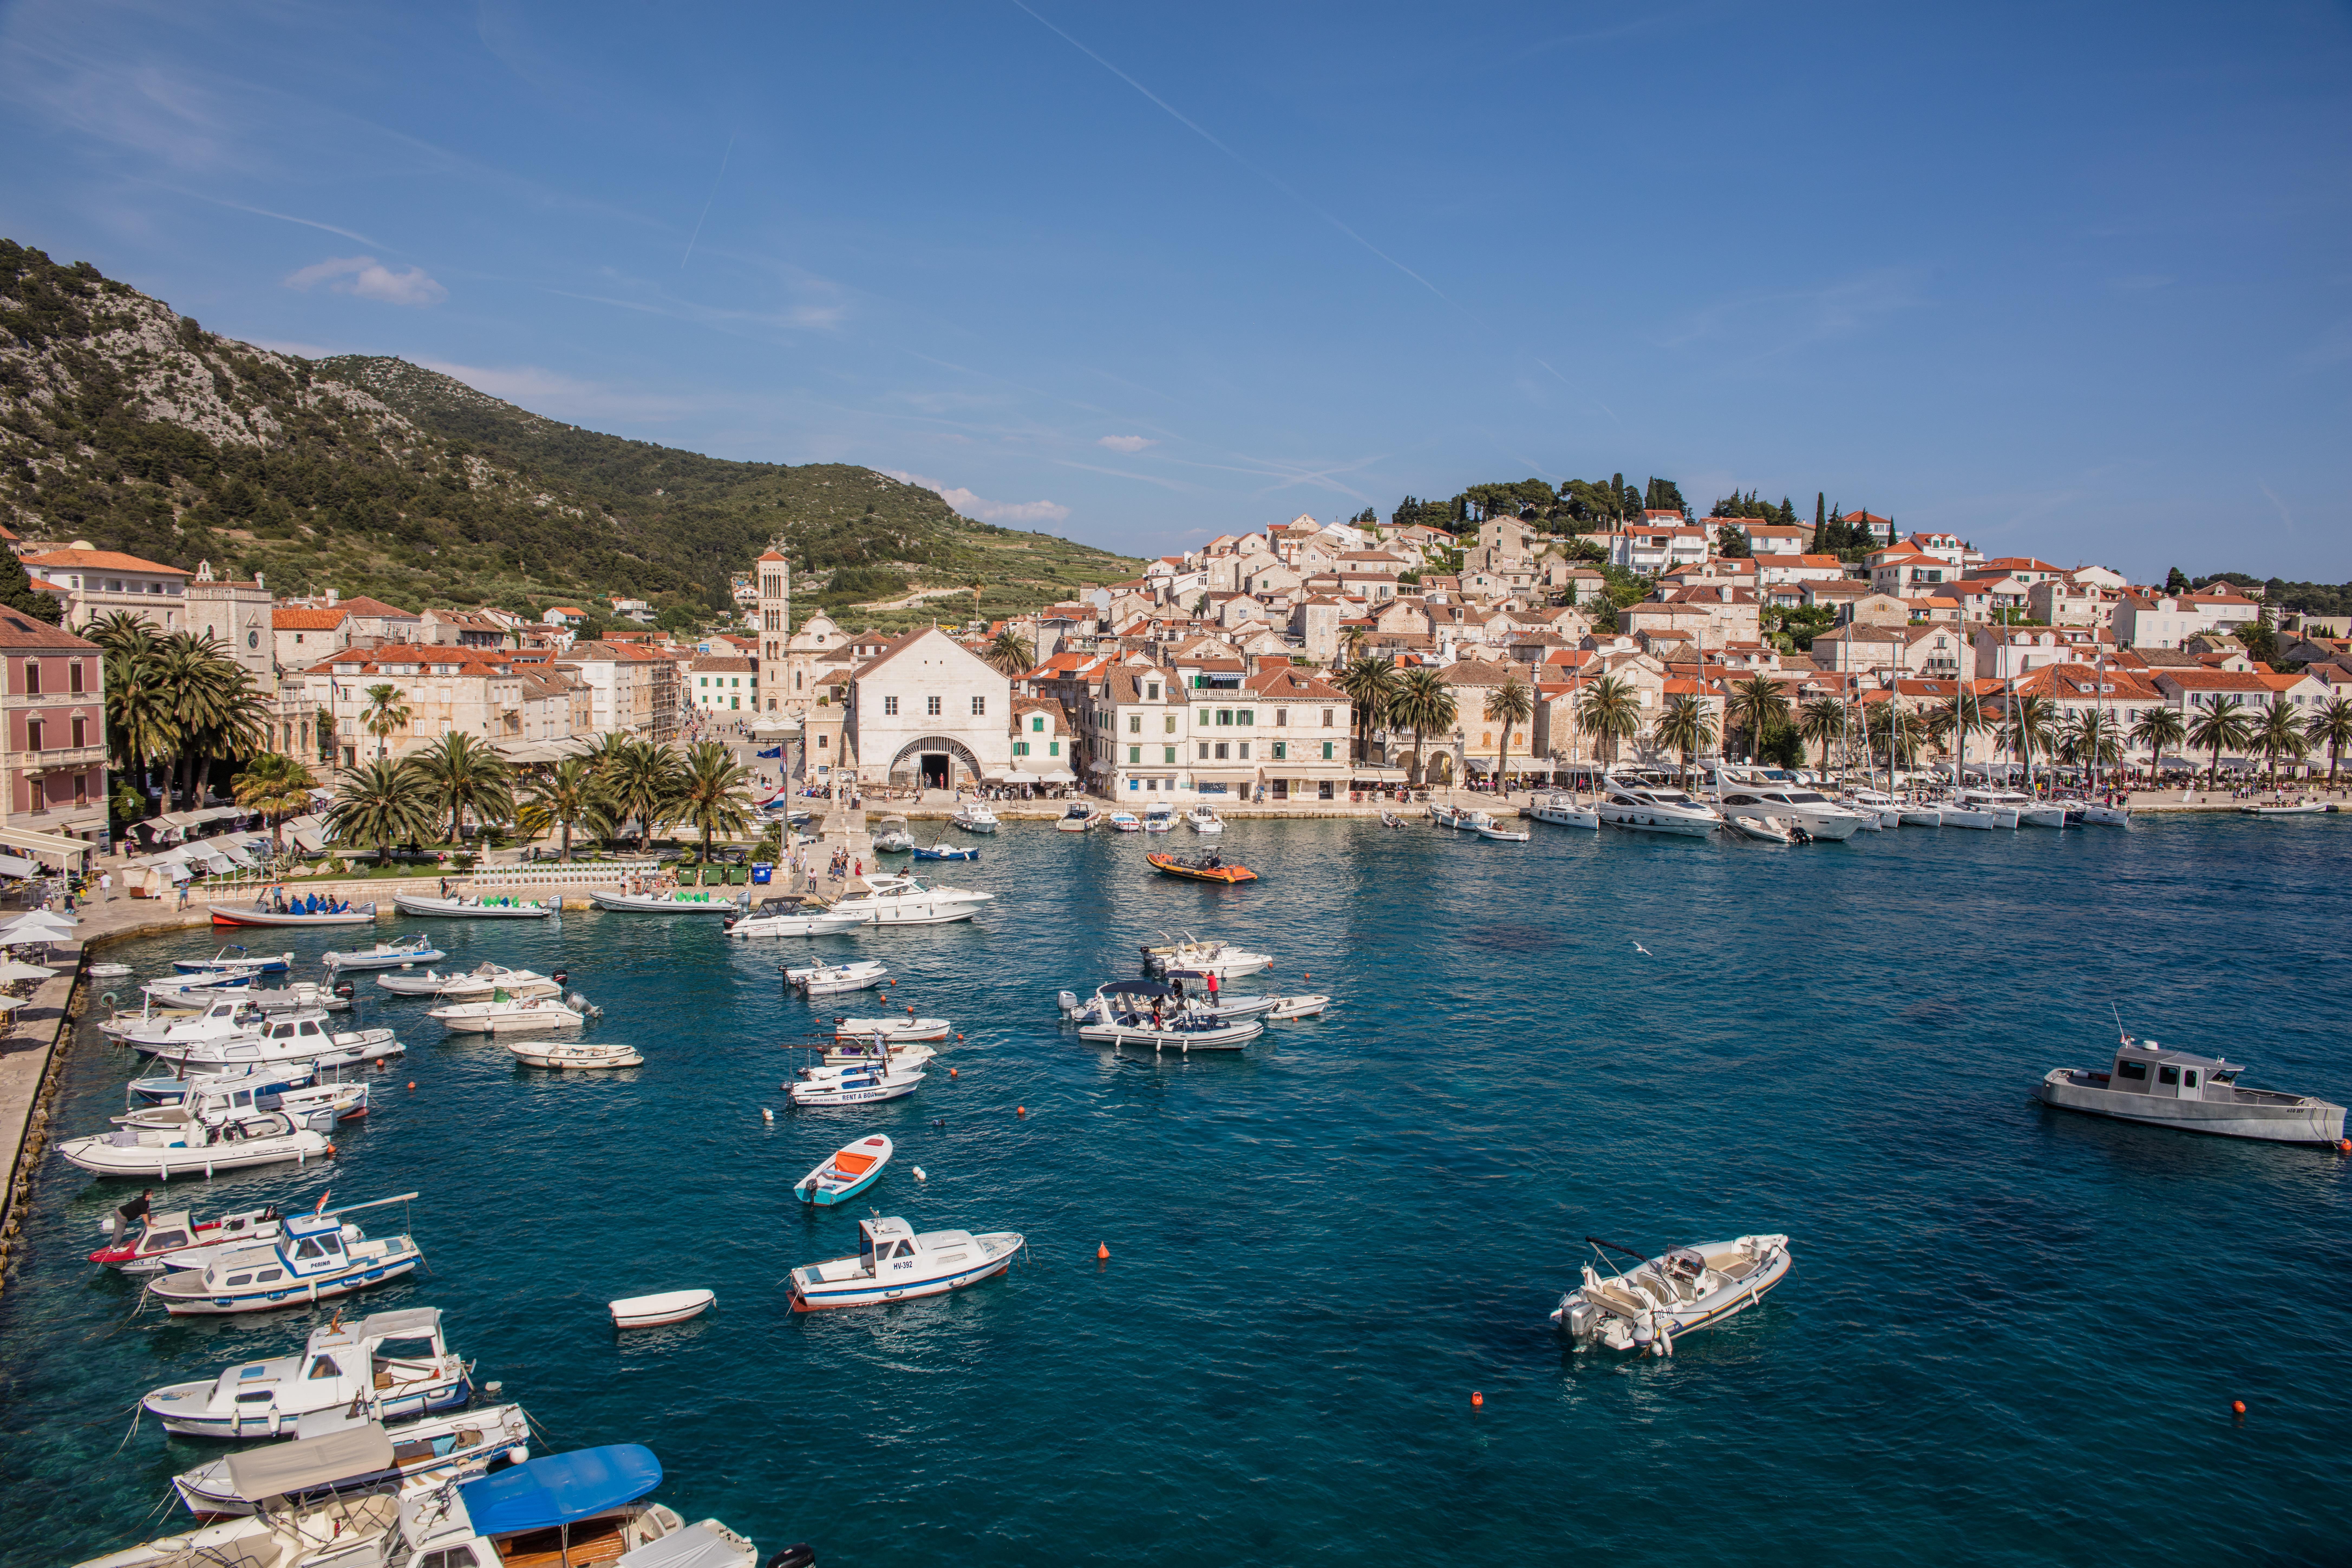 Kroatië grootste stijger in populariteit op TripAdvisor